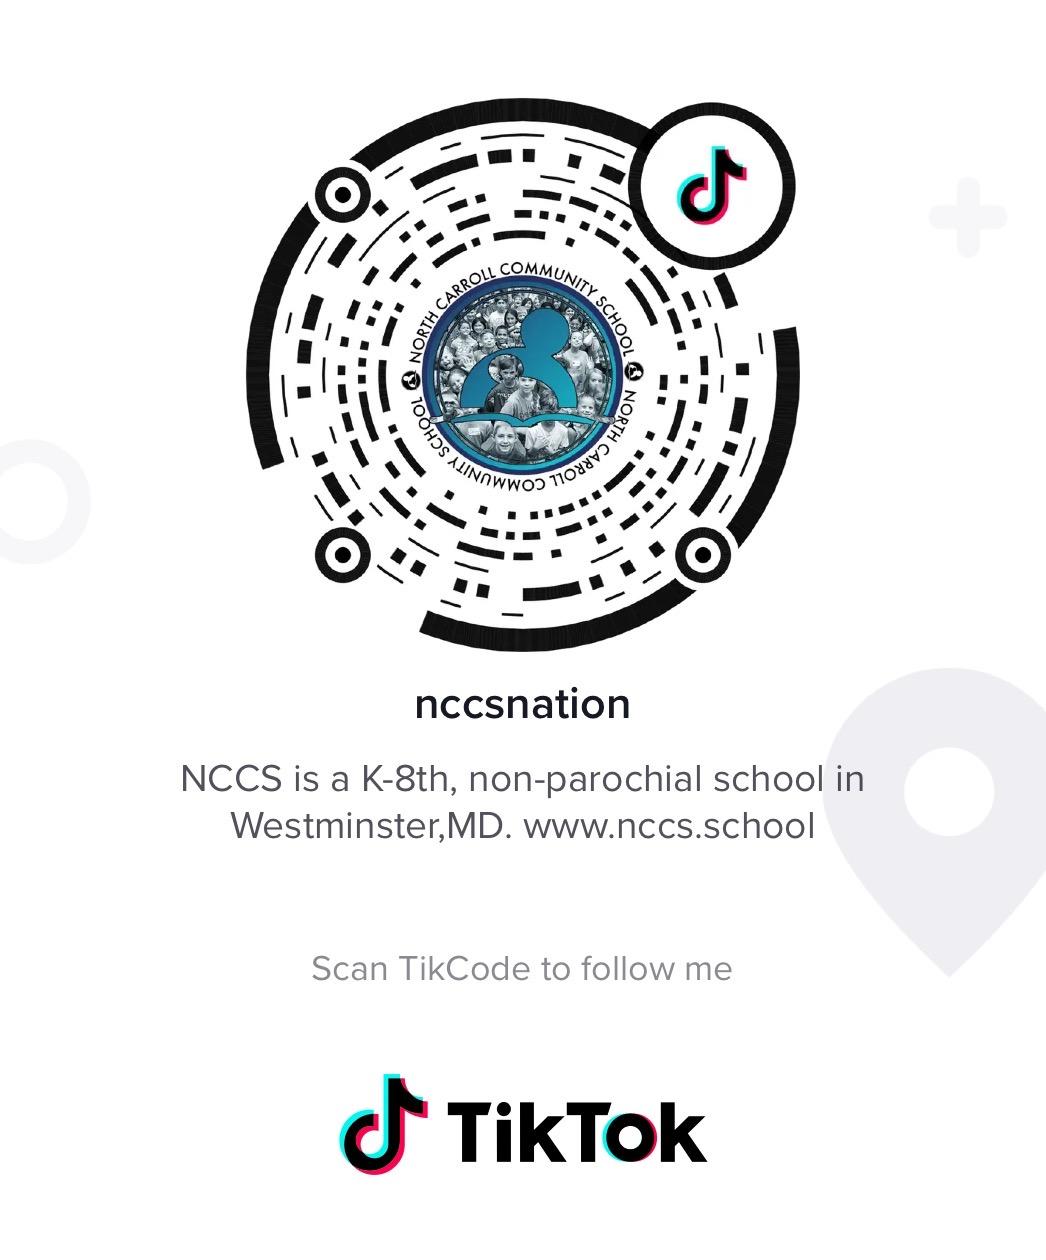 Follow NCCS on TikTok